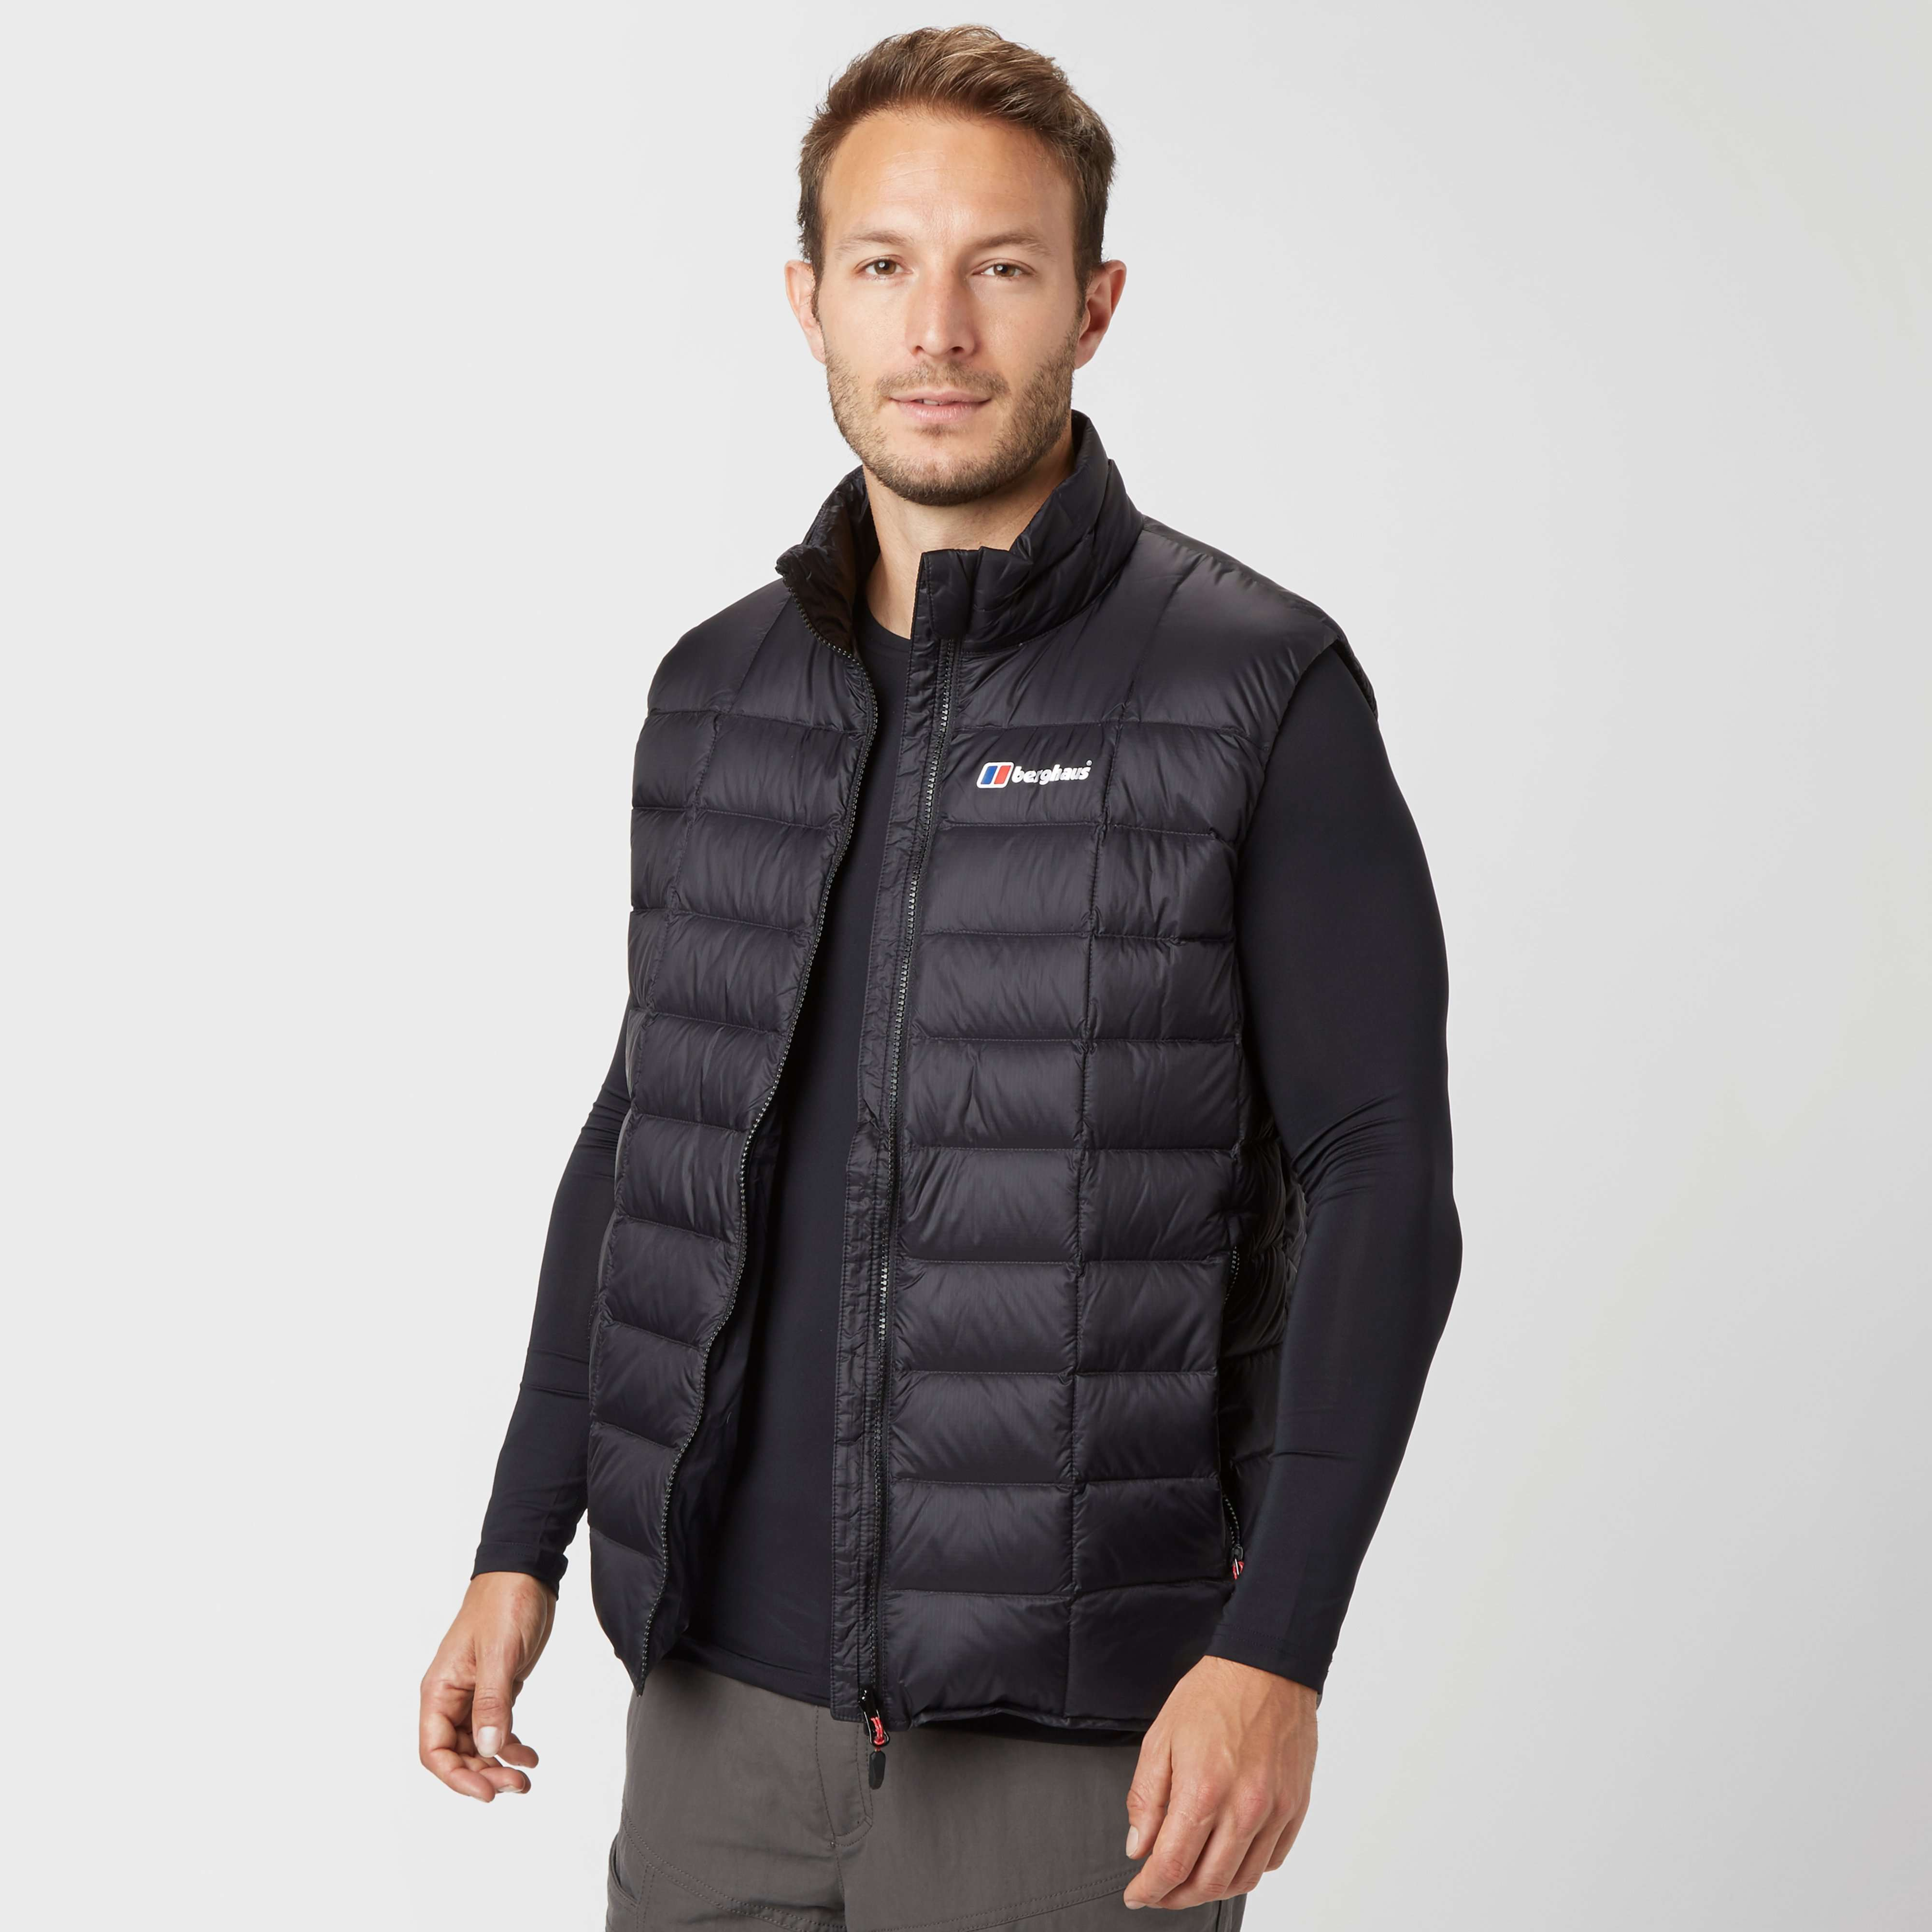 BERGHAUS Men's Scafell Fusion Vest